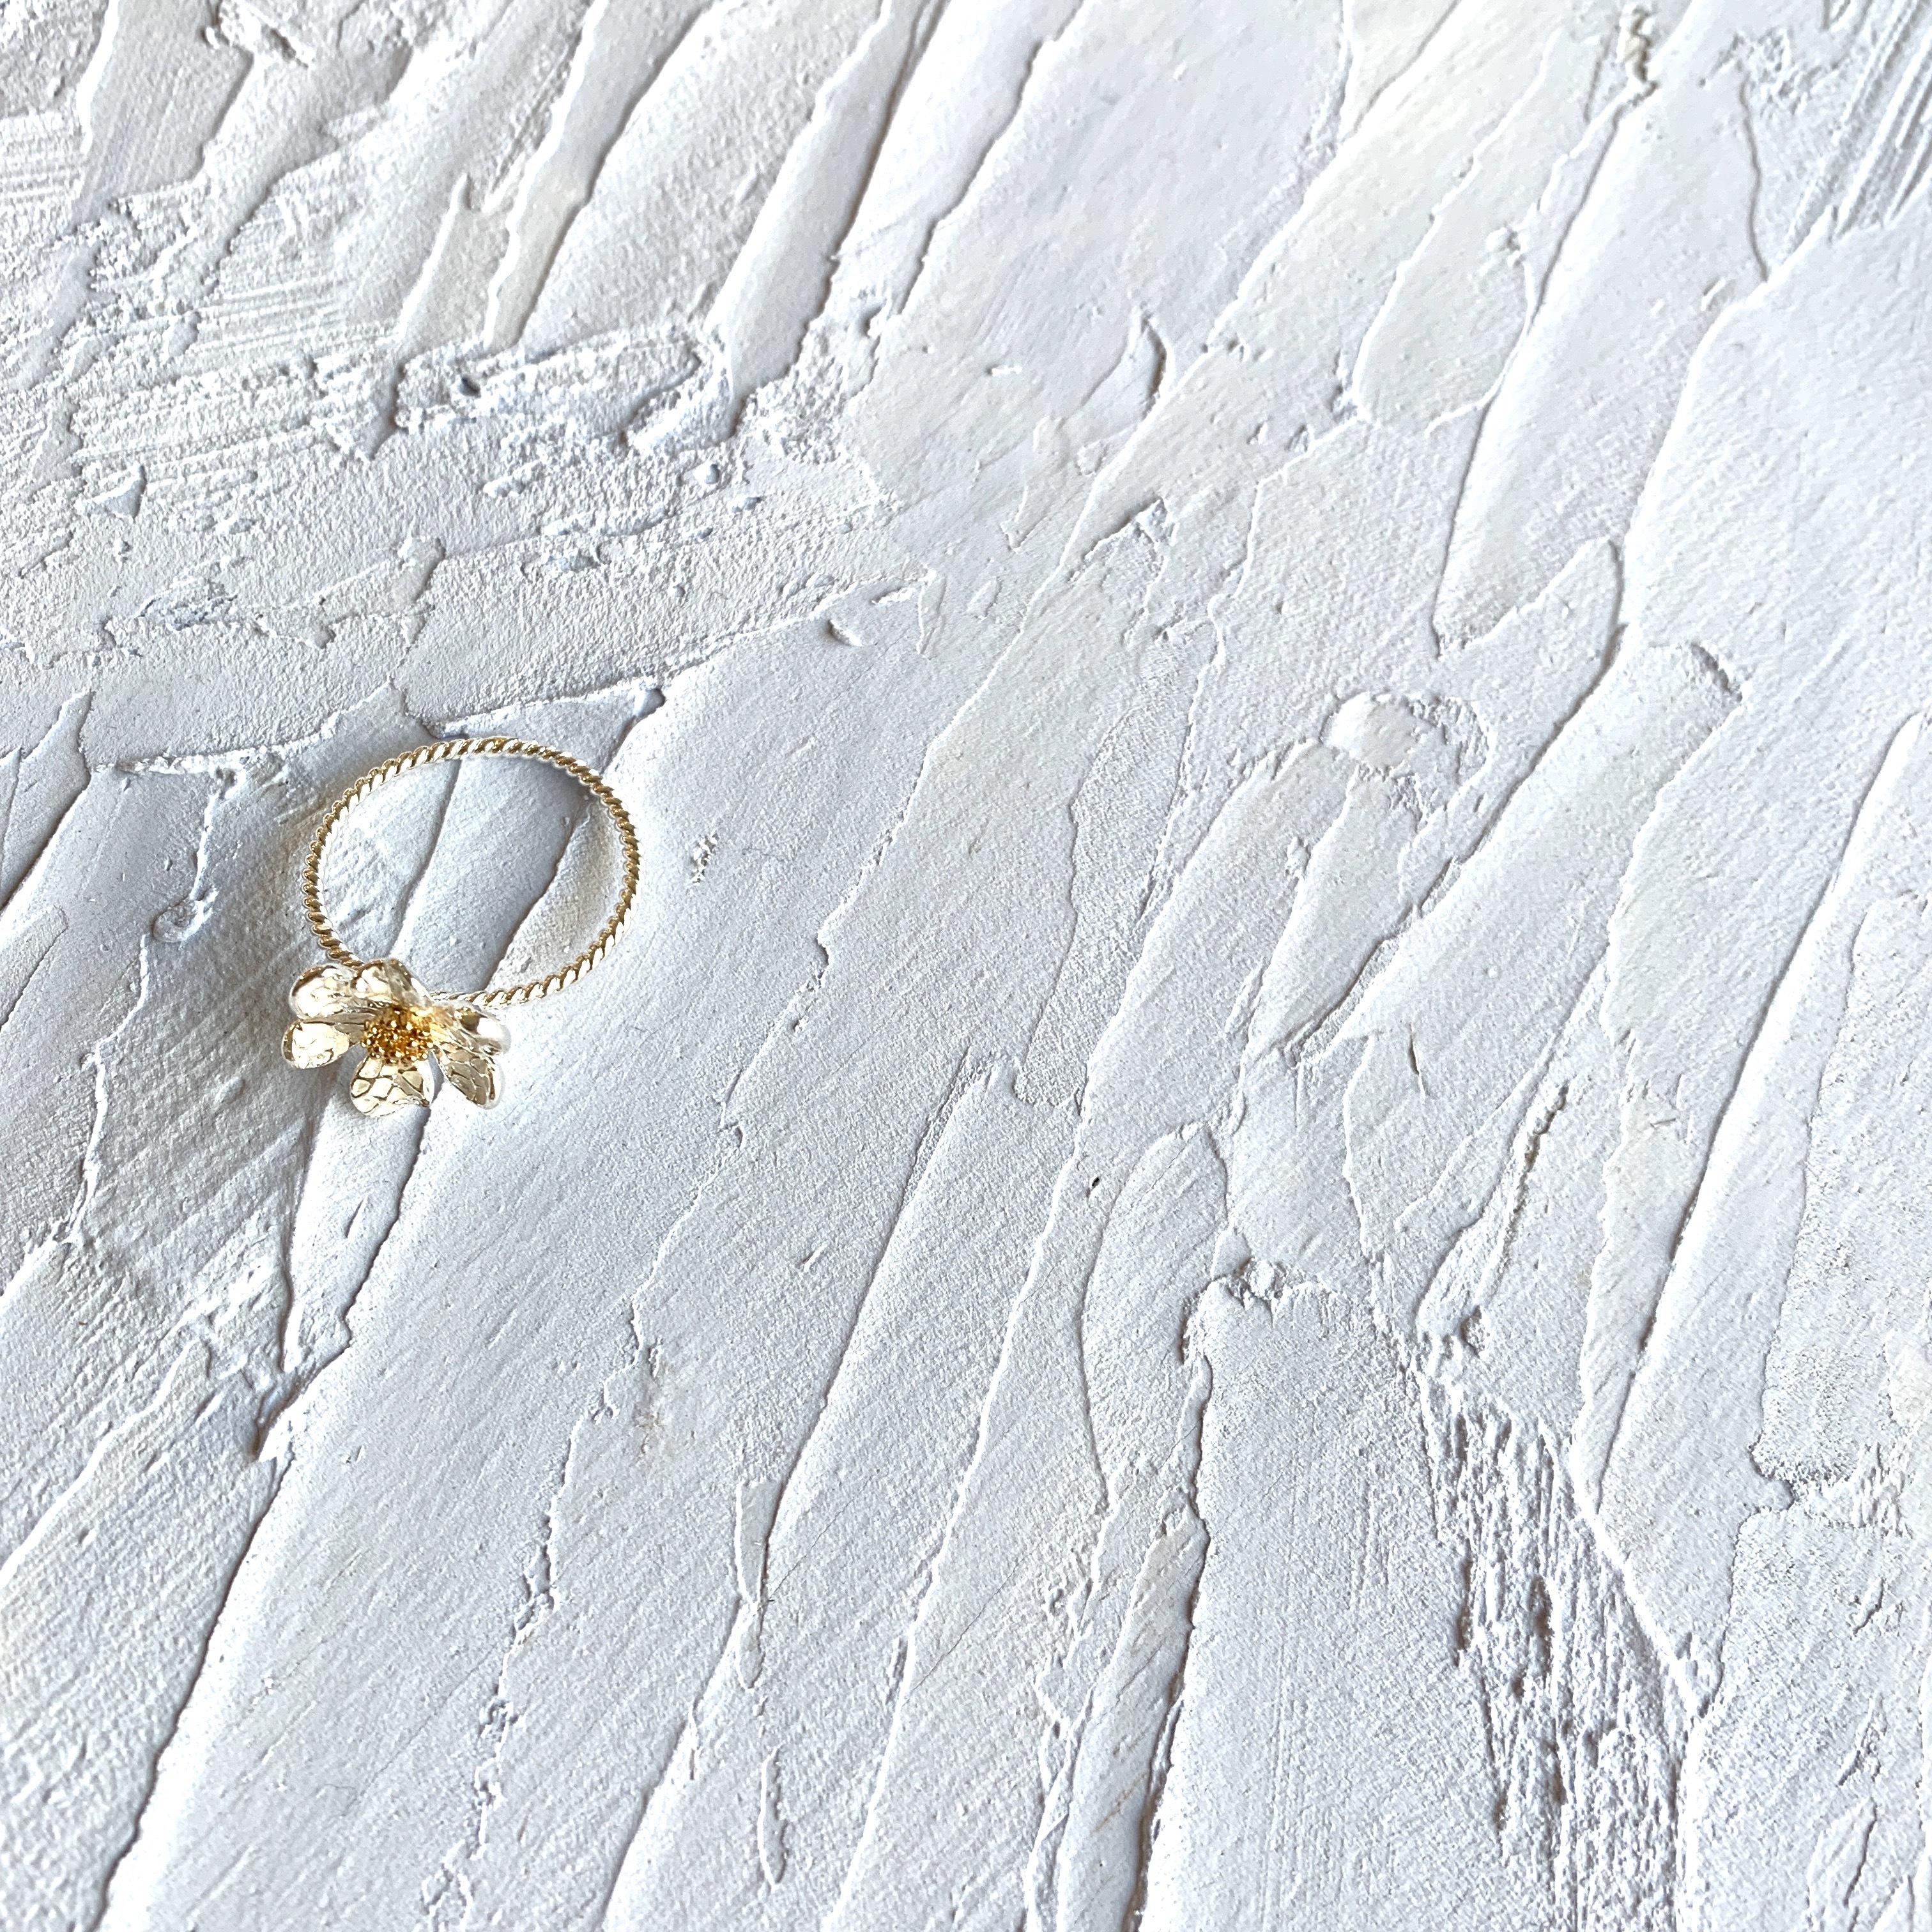 Flower Motif Ring  |フラワーモチーフリング| #sp0177 |【STELLAPARK】